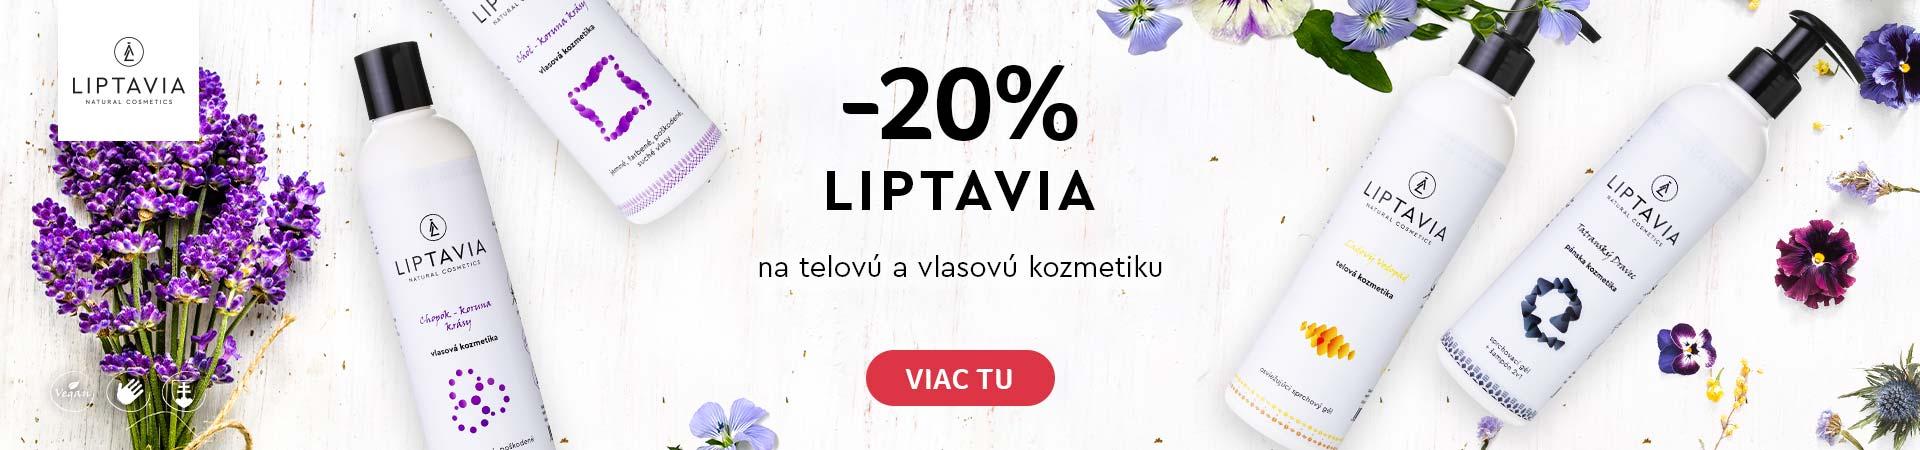 Lpitavia 20%